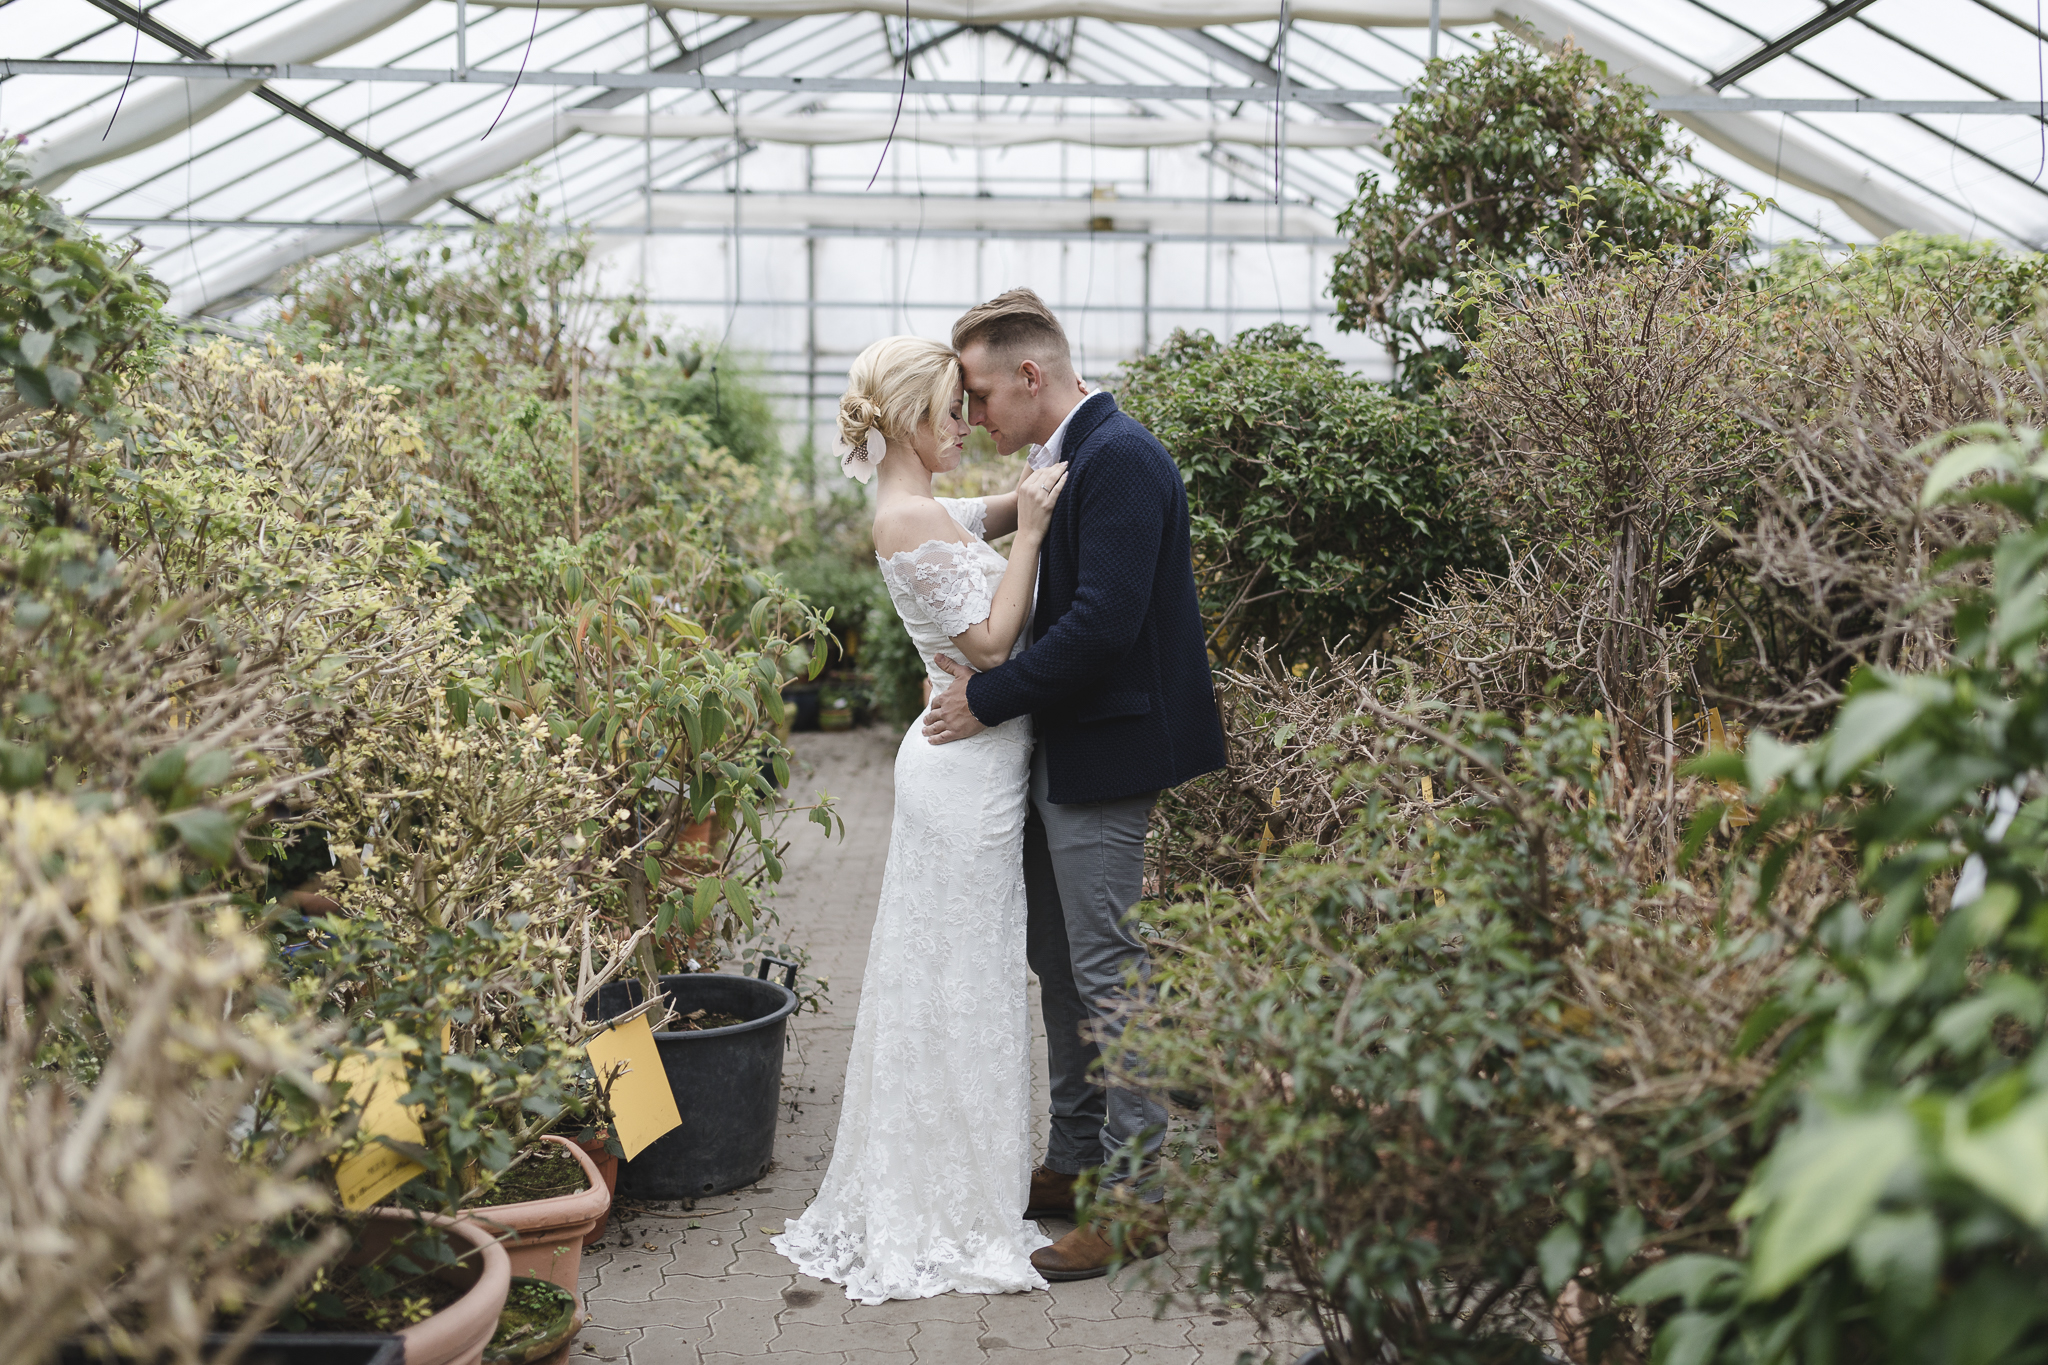 Hochzeitsfotograf Hamburg - Hochzeitsfotos im Gewächshaus